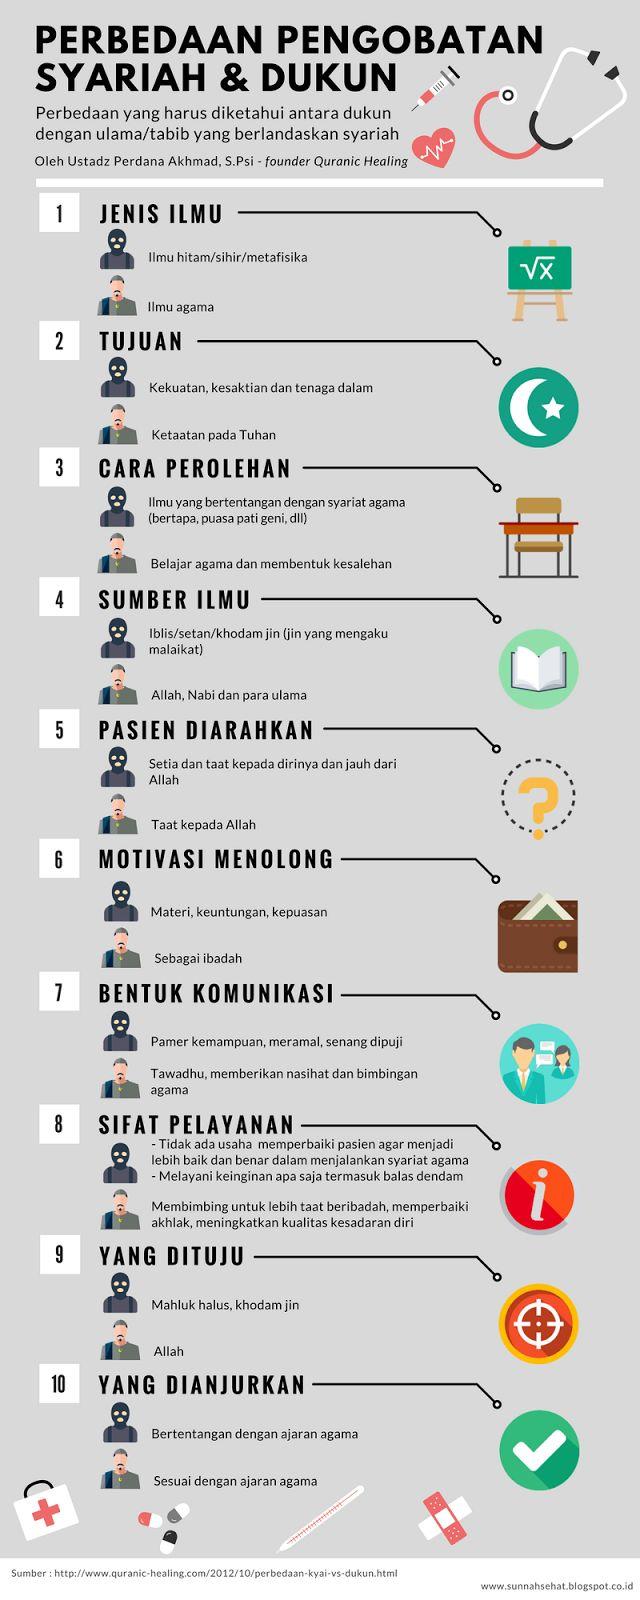 [Infografis] - Perbedaan Pengobatan Syariah dengan Pengobatan Dukun